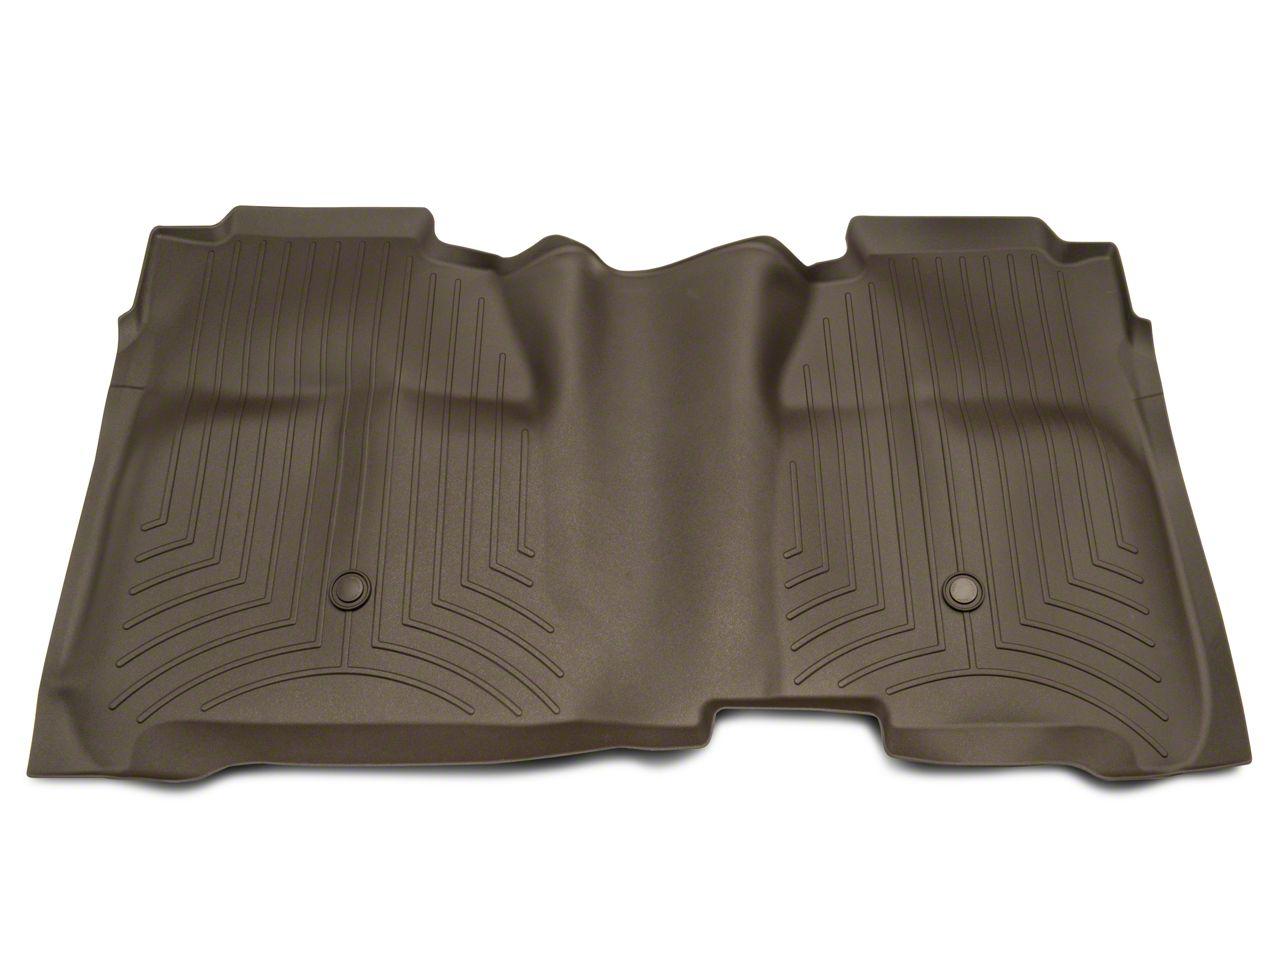 Weathertech DigitalFit Rear Floor Liner w/ Underseat Coverage - Cocoa (14-18 Silverado 1500 Crew Cab)